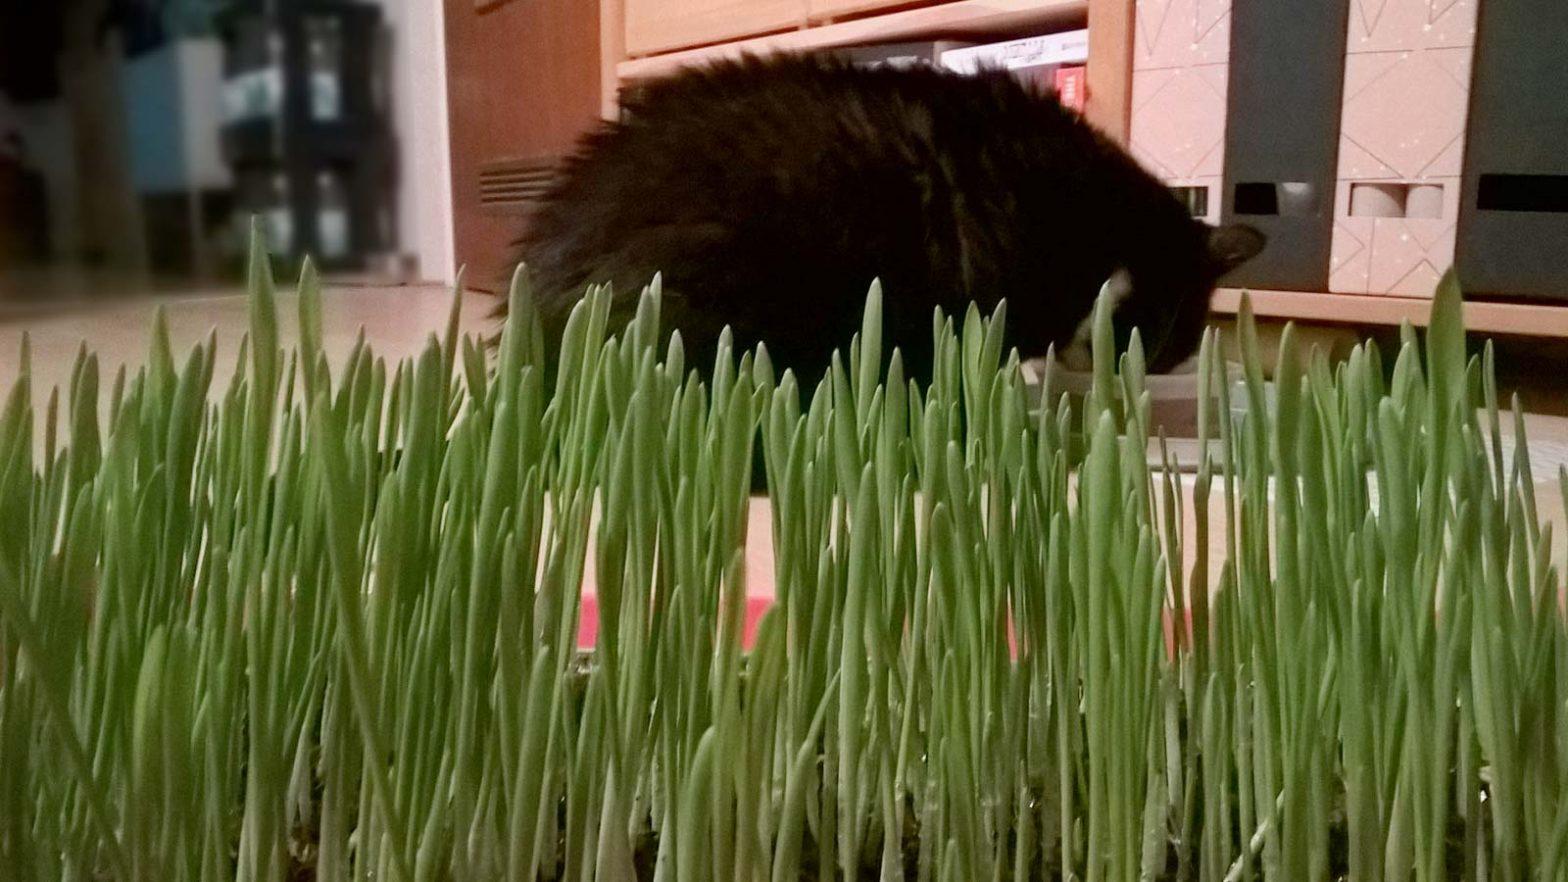 Katzengras selbst ziehen: ein Katzengrasbeet fürs Luz